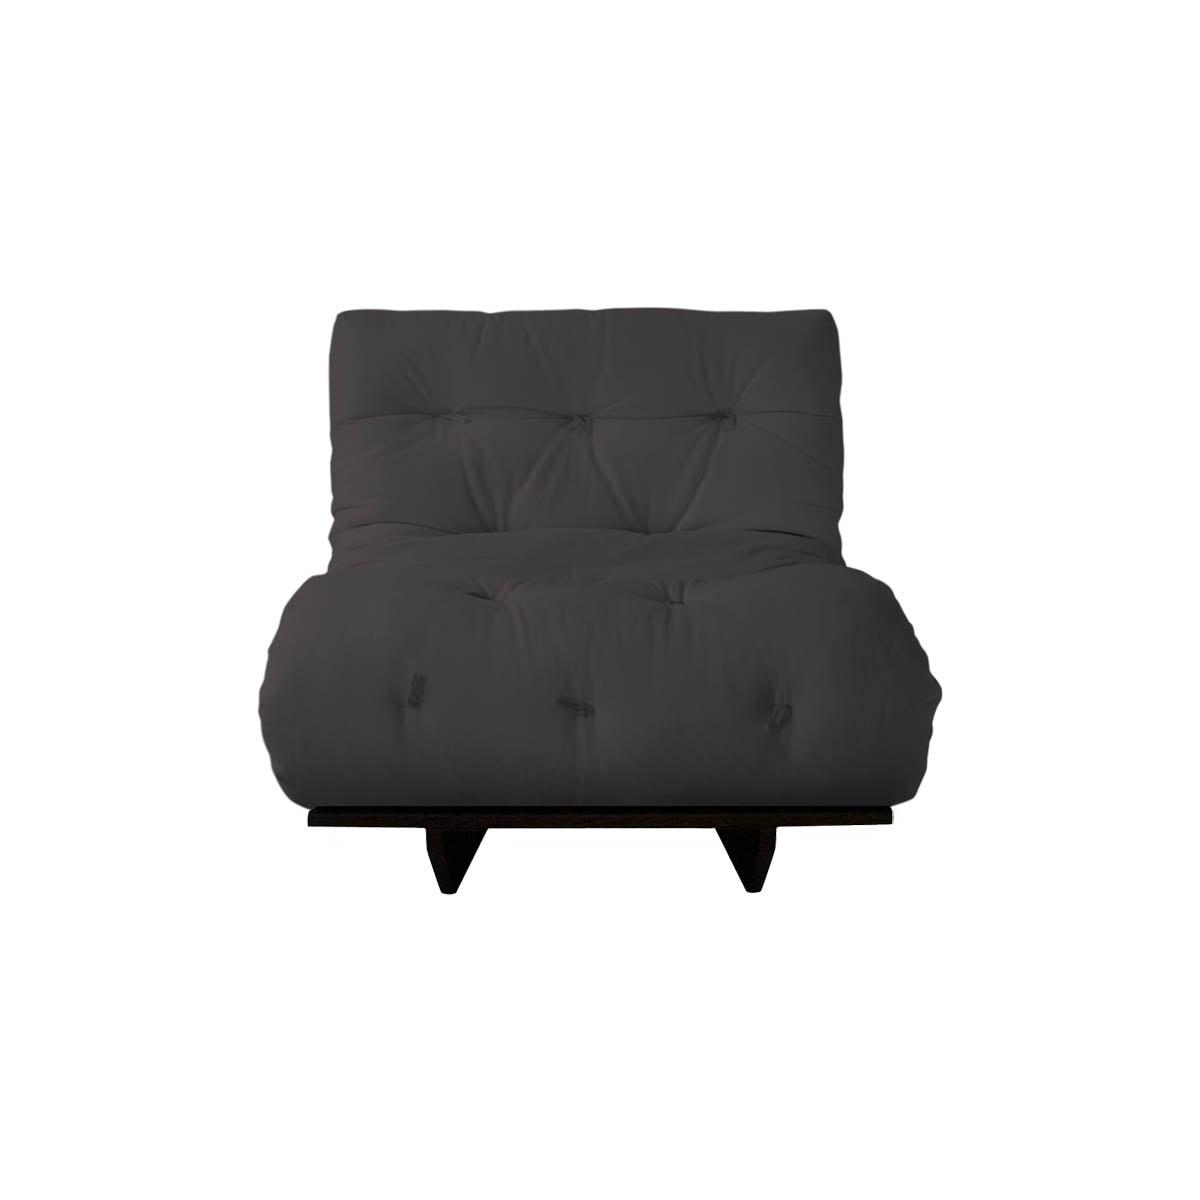 Futon Sofa Cama Company